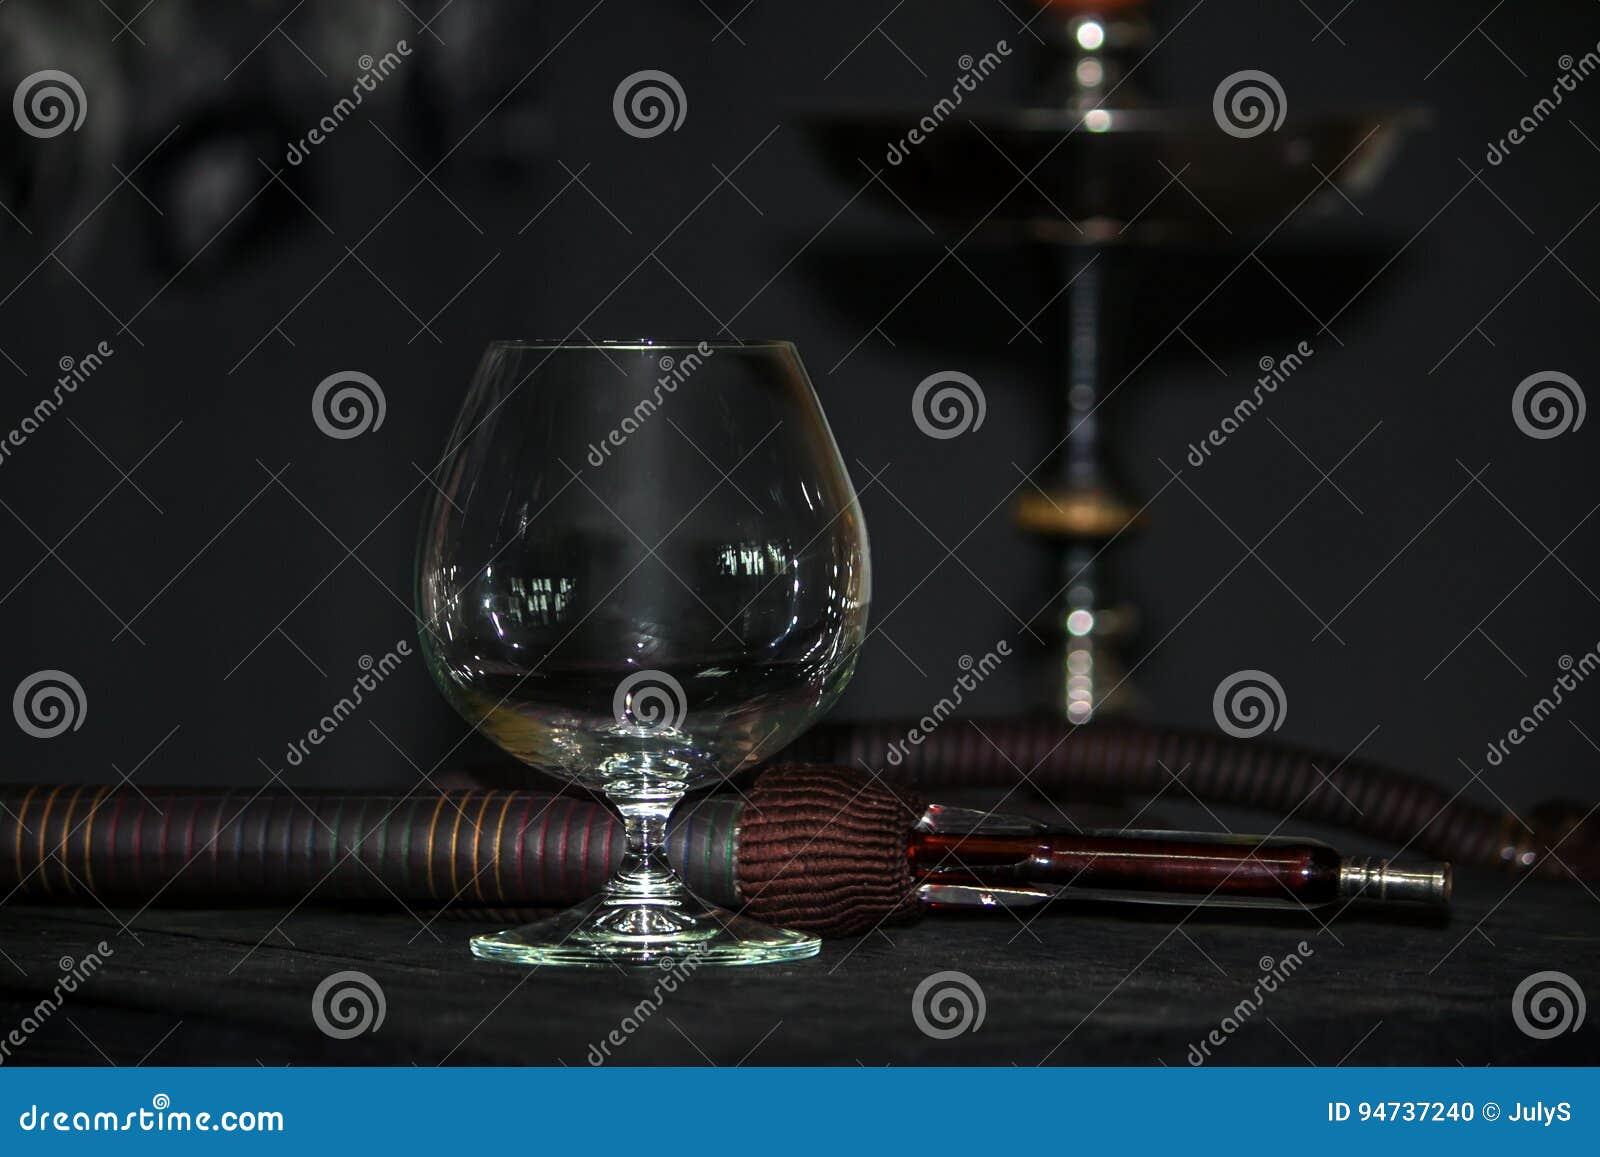 Zware waterpijprook in een cognacglas op een grijze achtergrond, waterpijpbuis